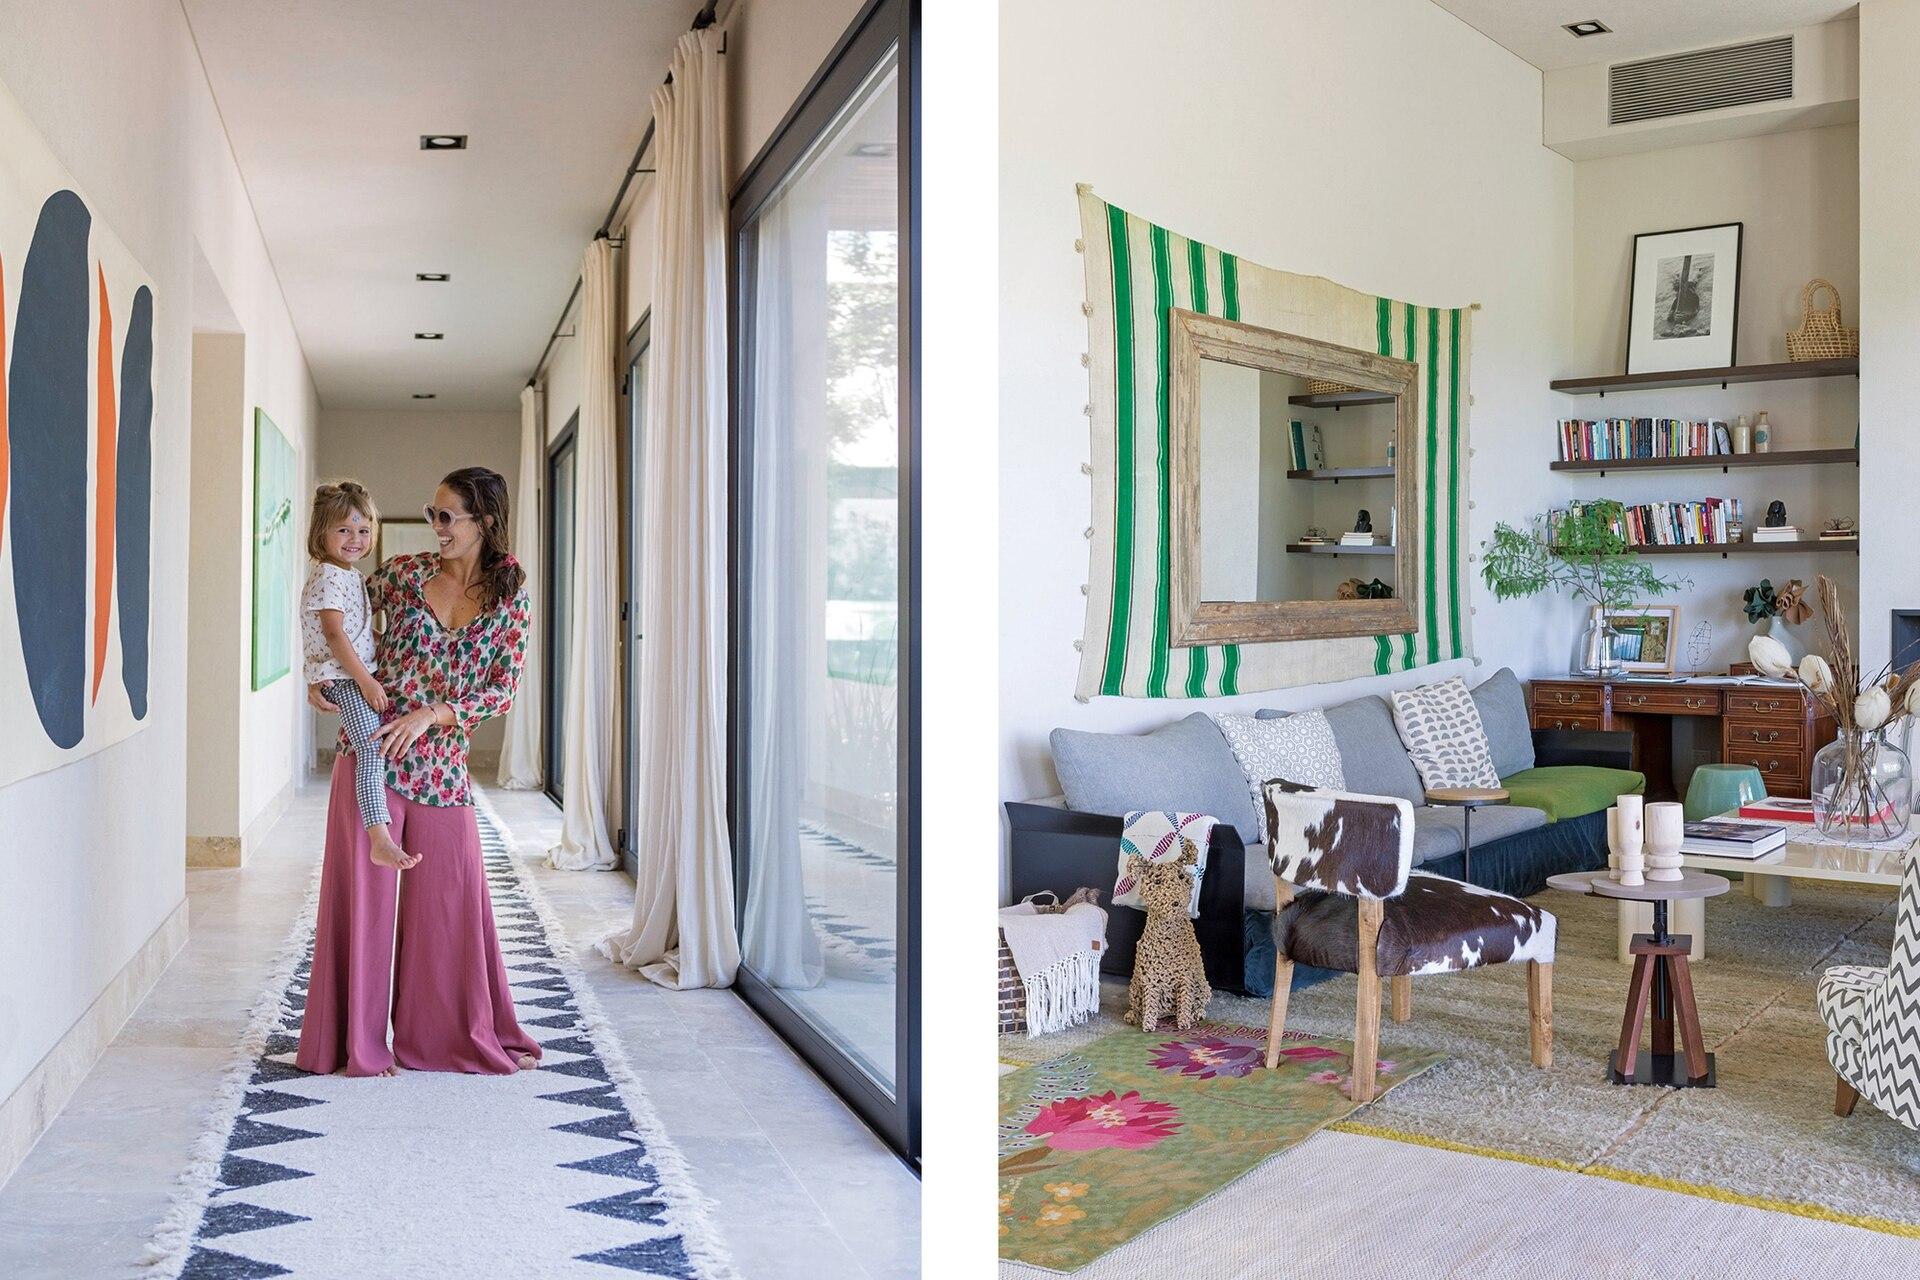 Rosario con Río en el pasillo que conduce a distintos ambientes, con aberturas hacia el patio. En el living, la alfombra traída desde Sotogrande le da nueva dimensión al espejo.